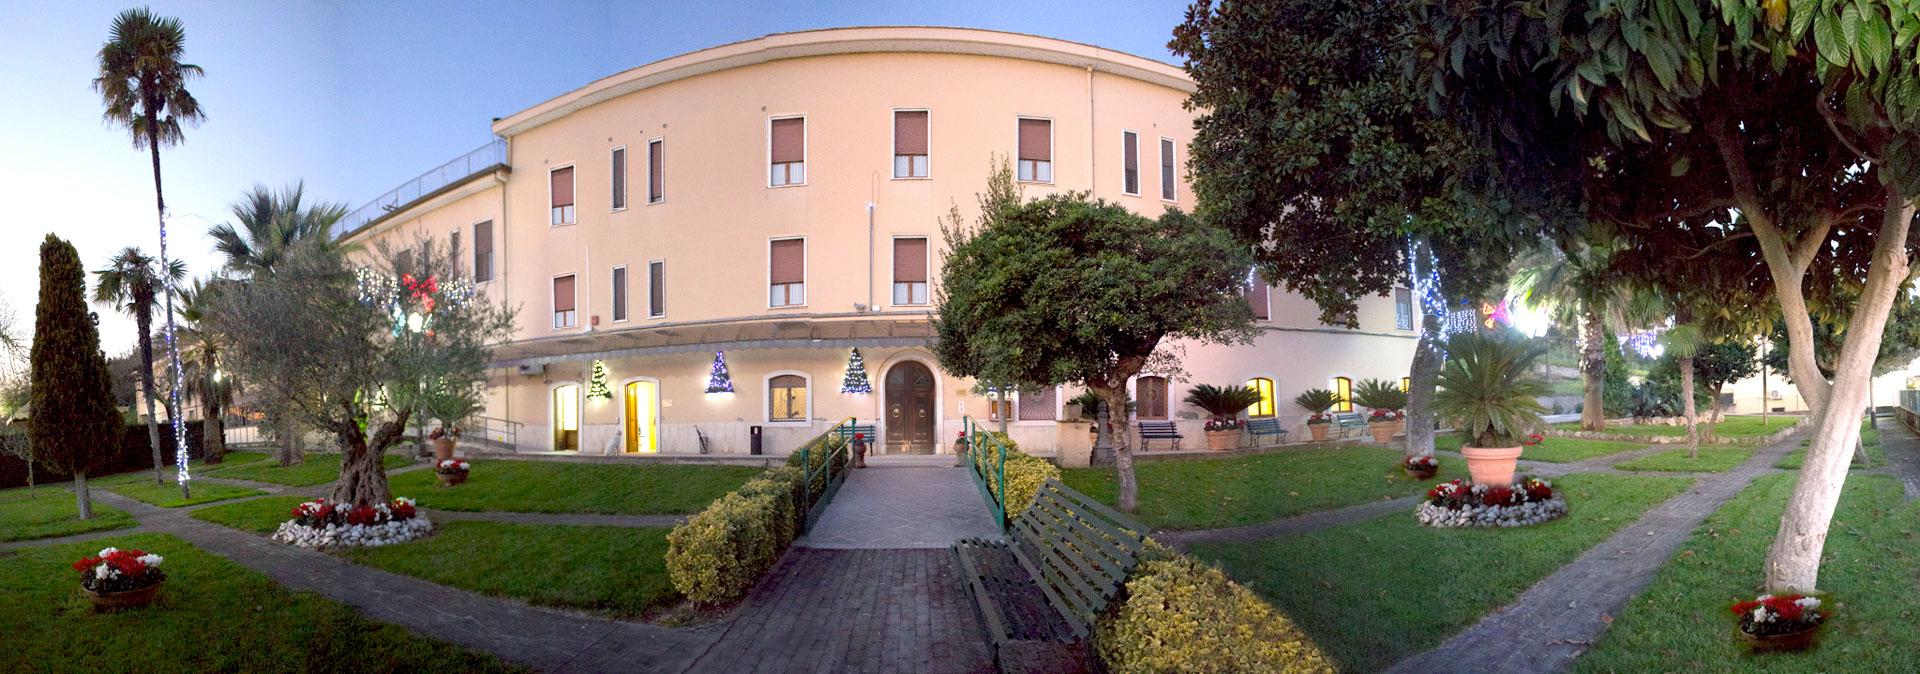 Villa algisa casa di riposo frosinone villa algisa for Piani di progettazione di case di riposo